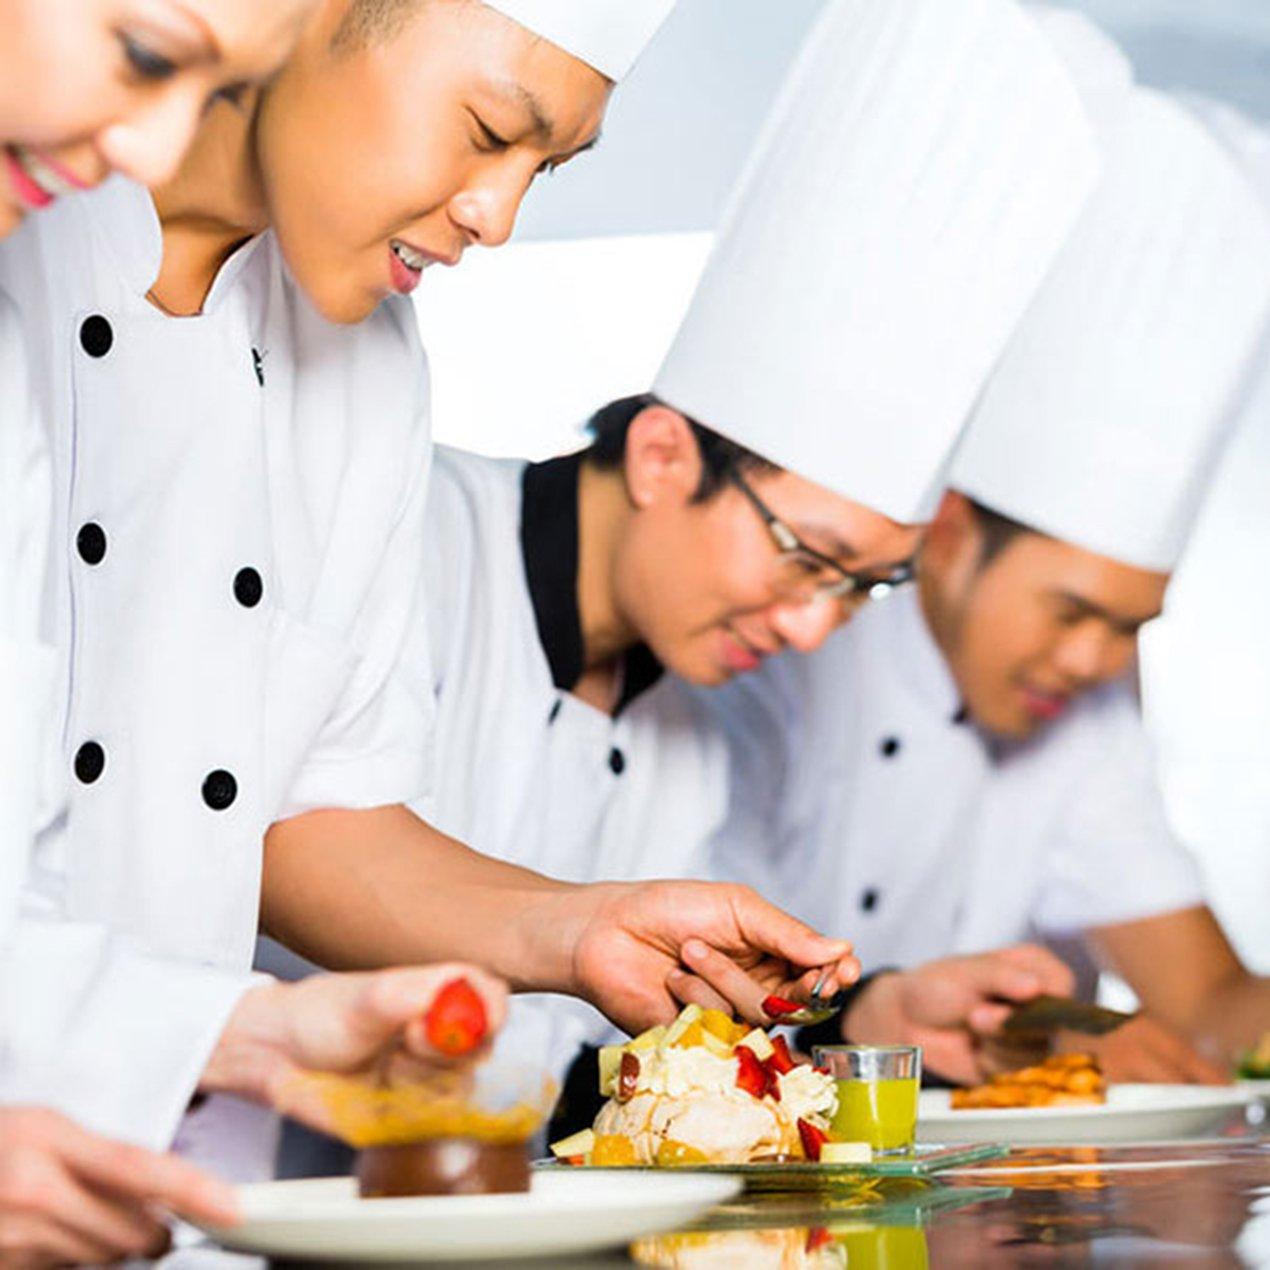 Curso de chef en m laga cursos cursos y - Clases cocina malaga ...